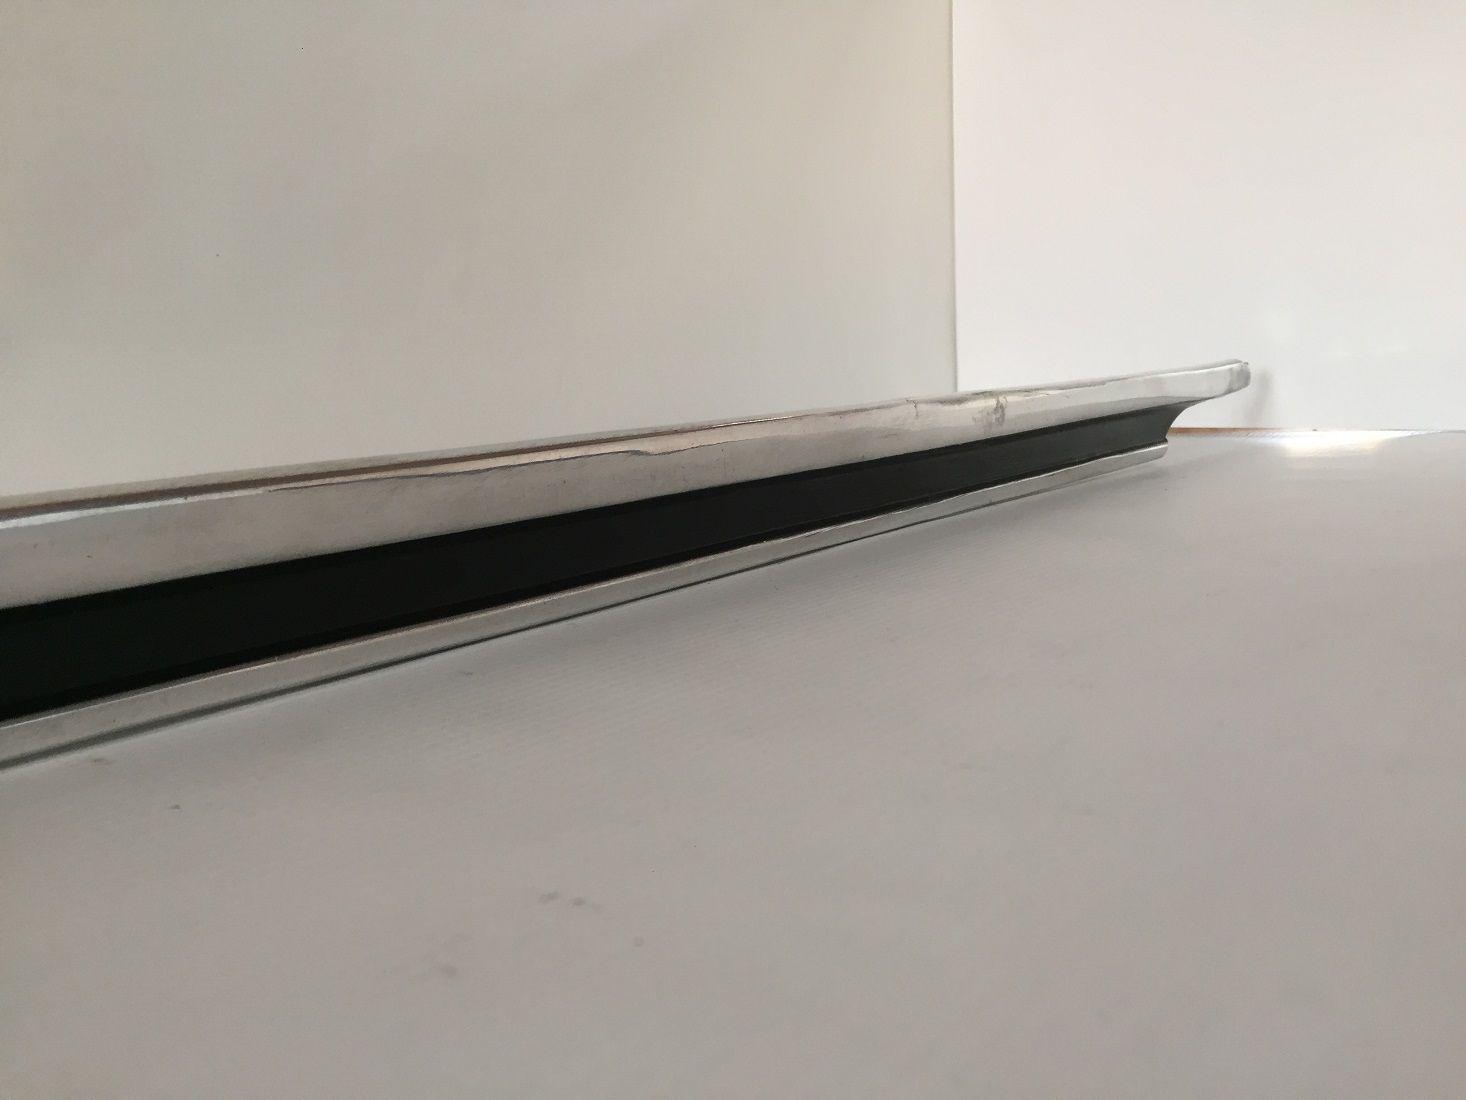 Friso da Grade Inferior Opala 71/74 de Alumínio    - Só Frisos Ltda